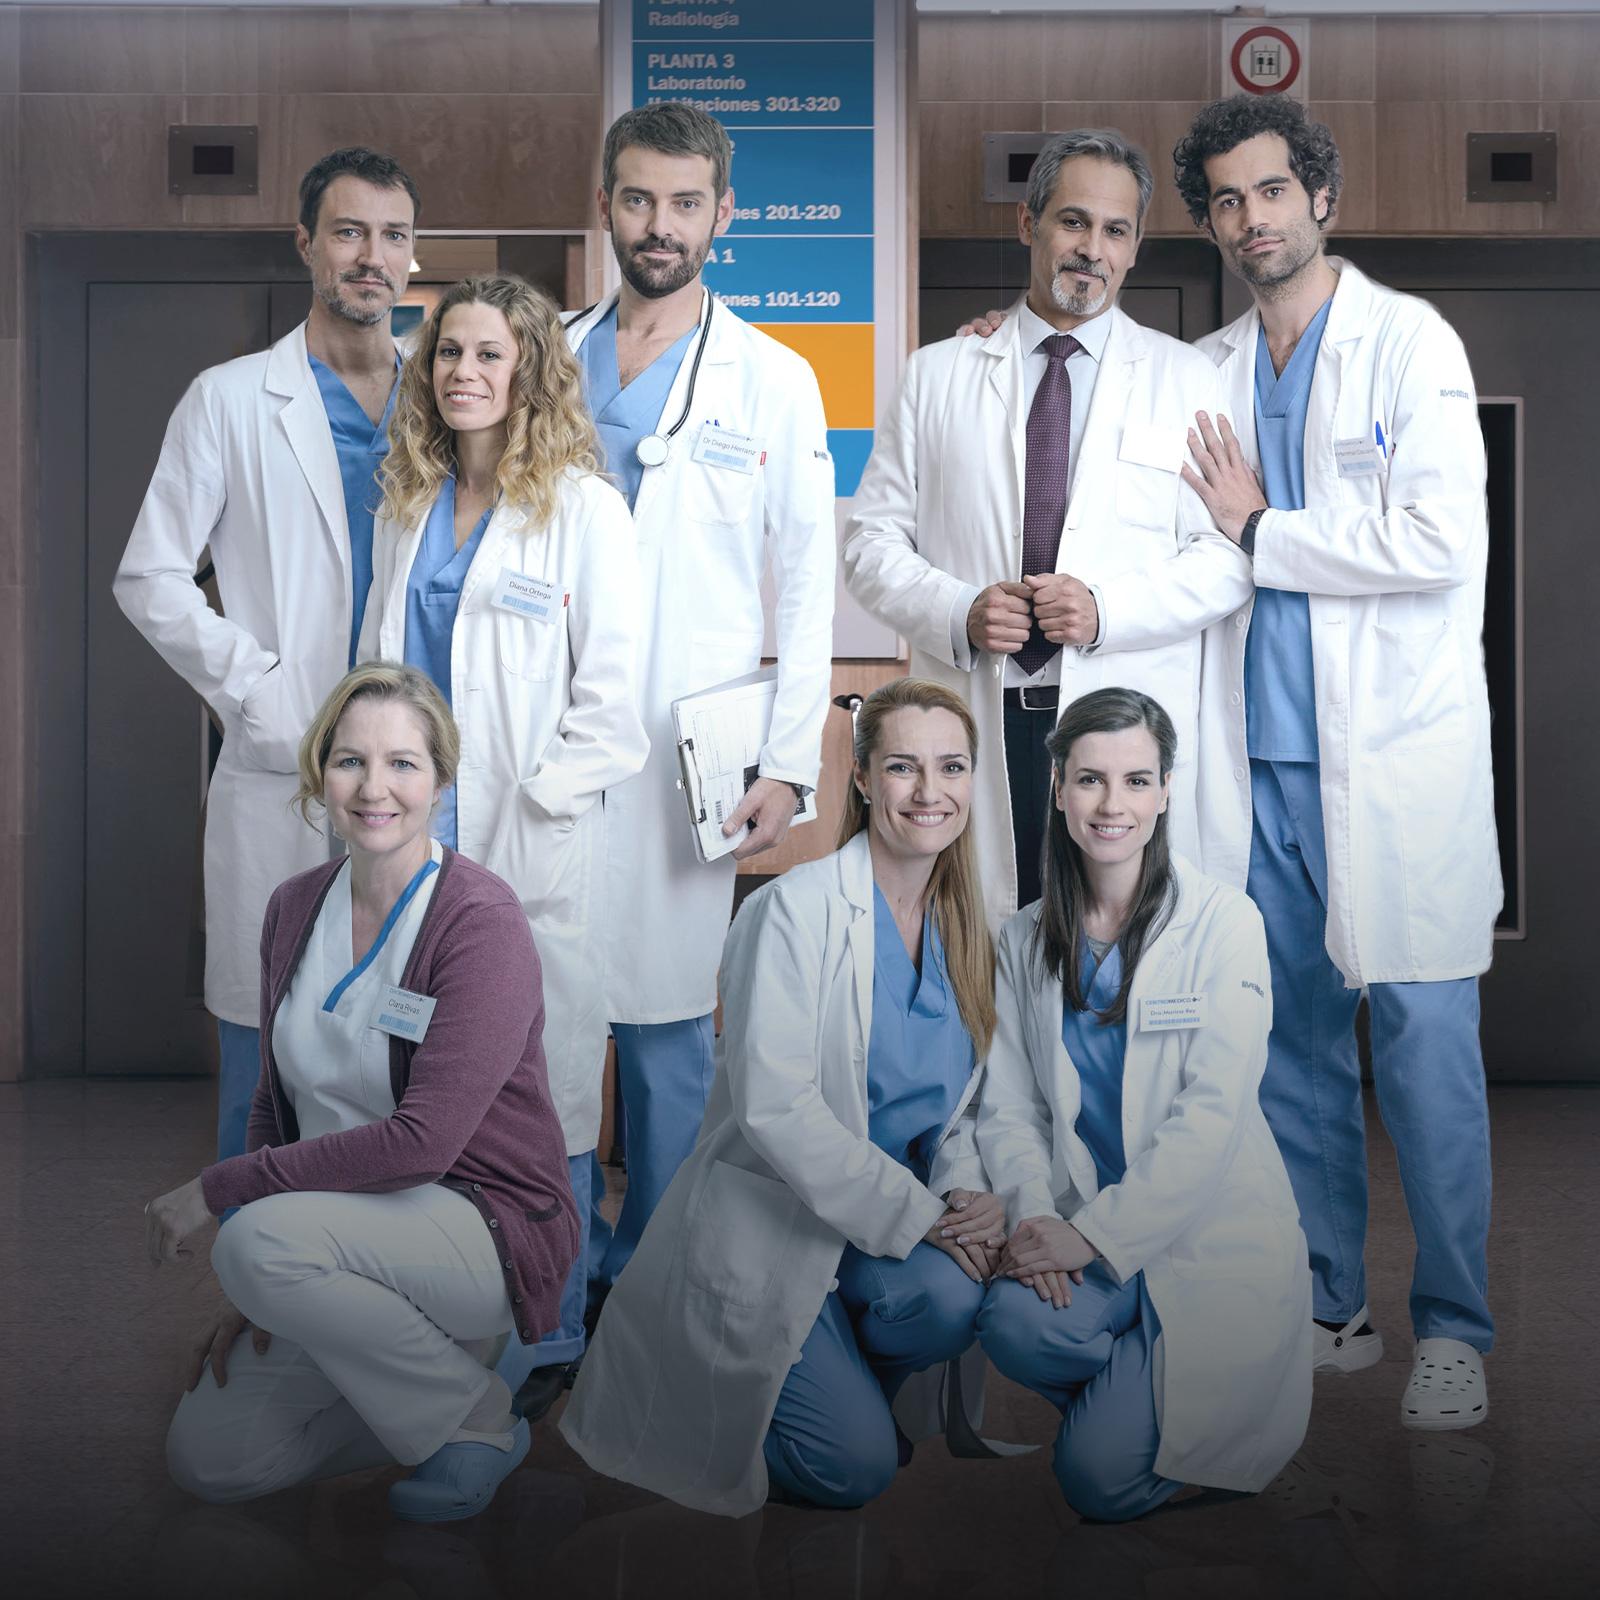 Imagen principal del programa 'Centro médico'